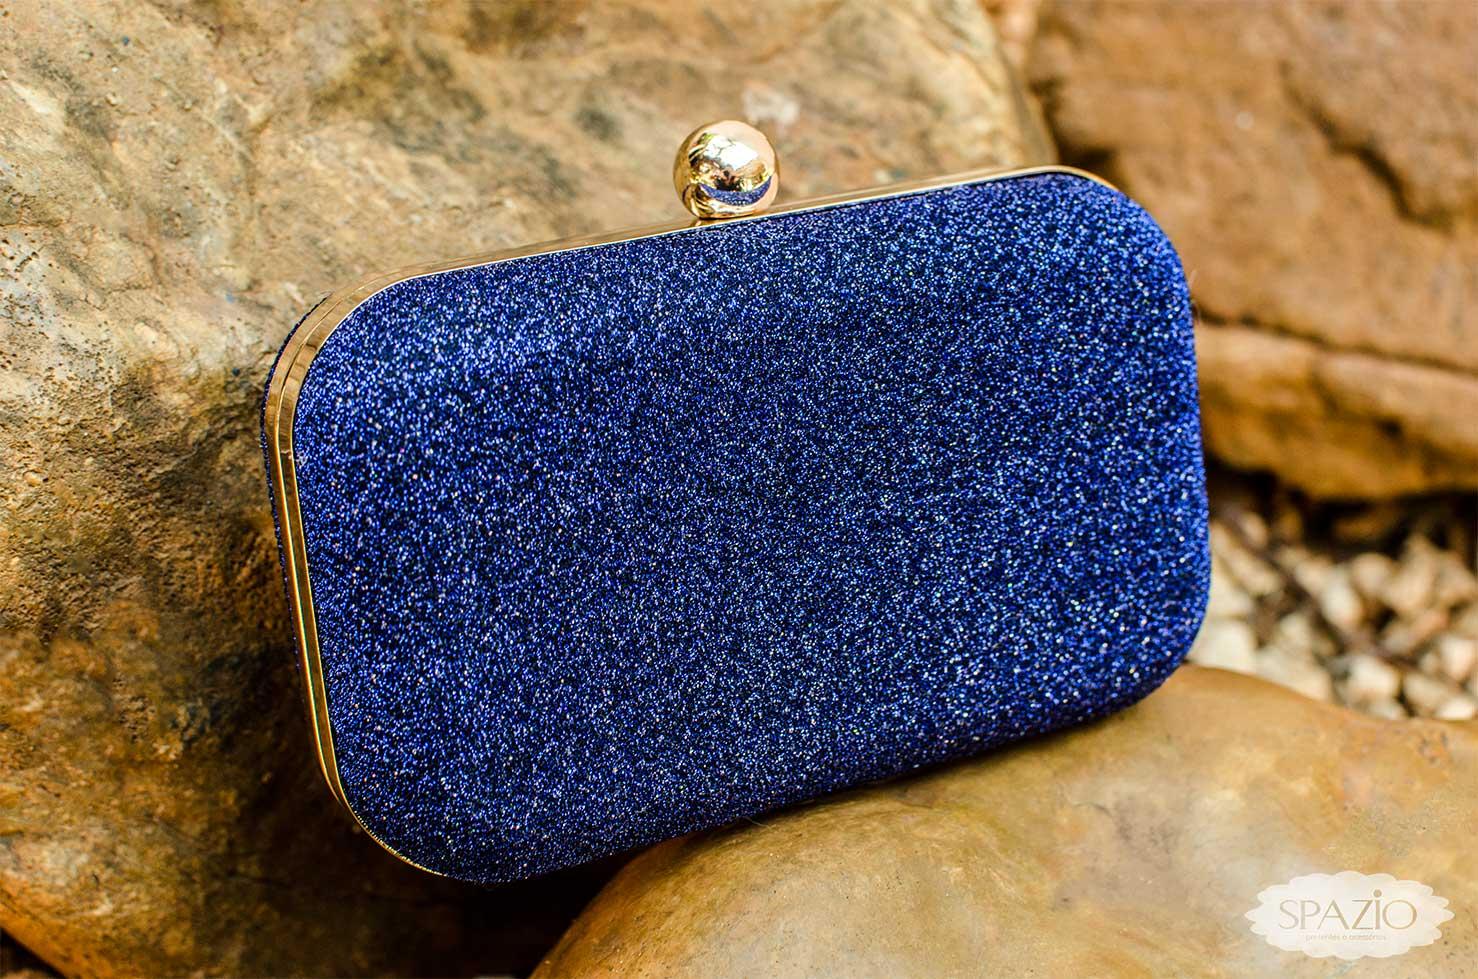 Bolsa De Festa Azul Bic : Bolsa clutch azul royal spazio